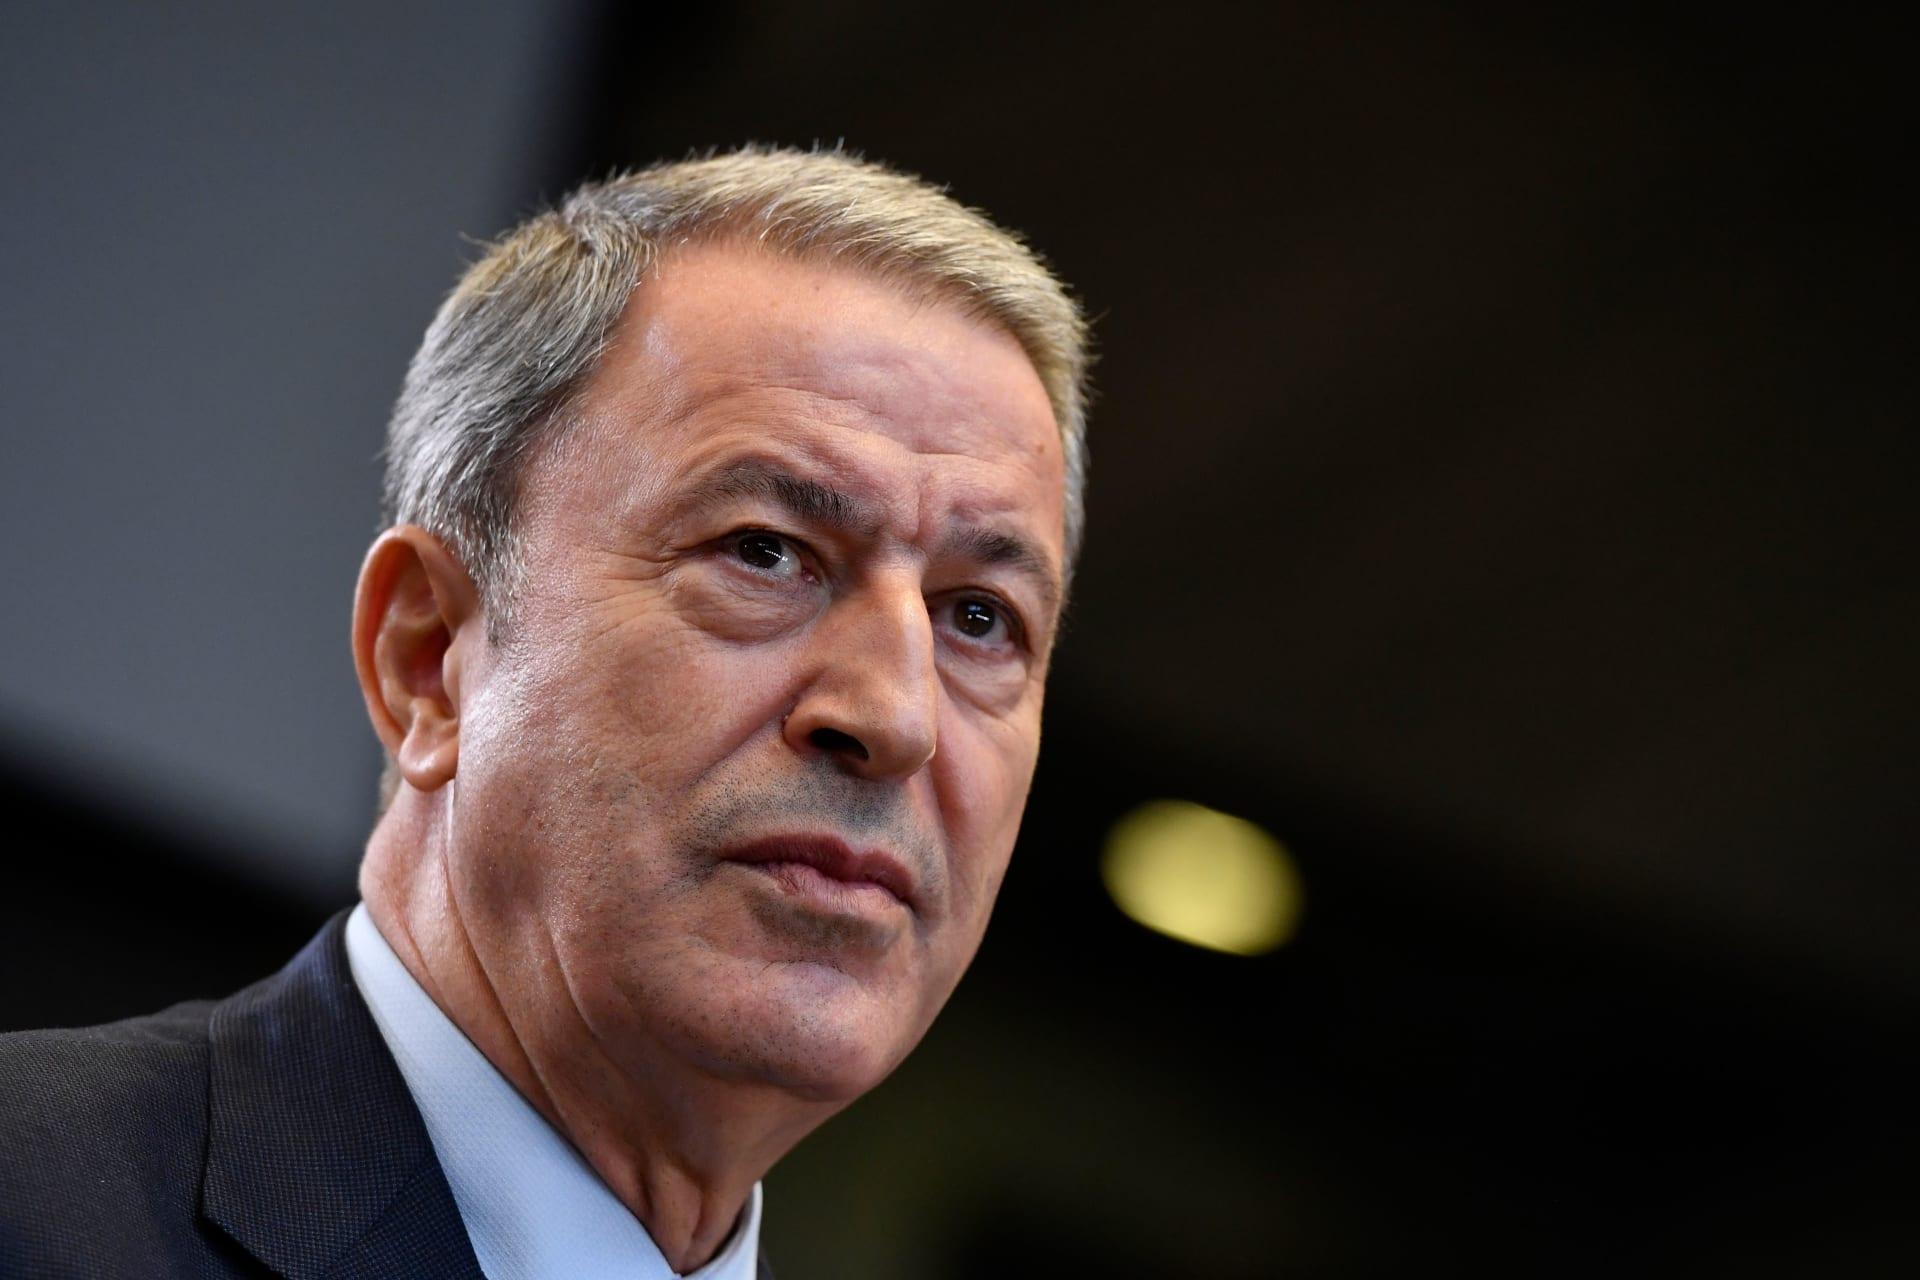 العراق يلغي زيارة وزير الدفاع التركي إلى البلاد بعد هجوم شمالي البلاد